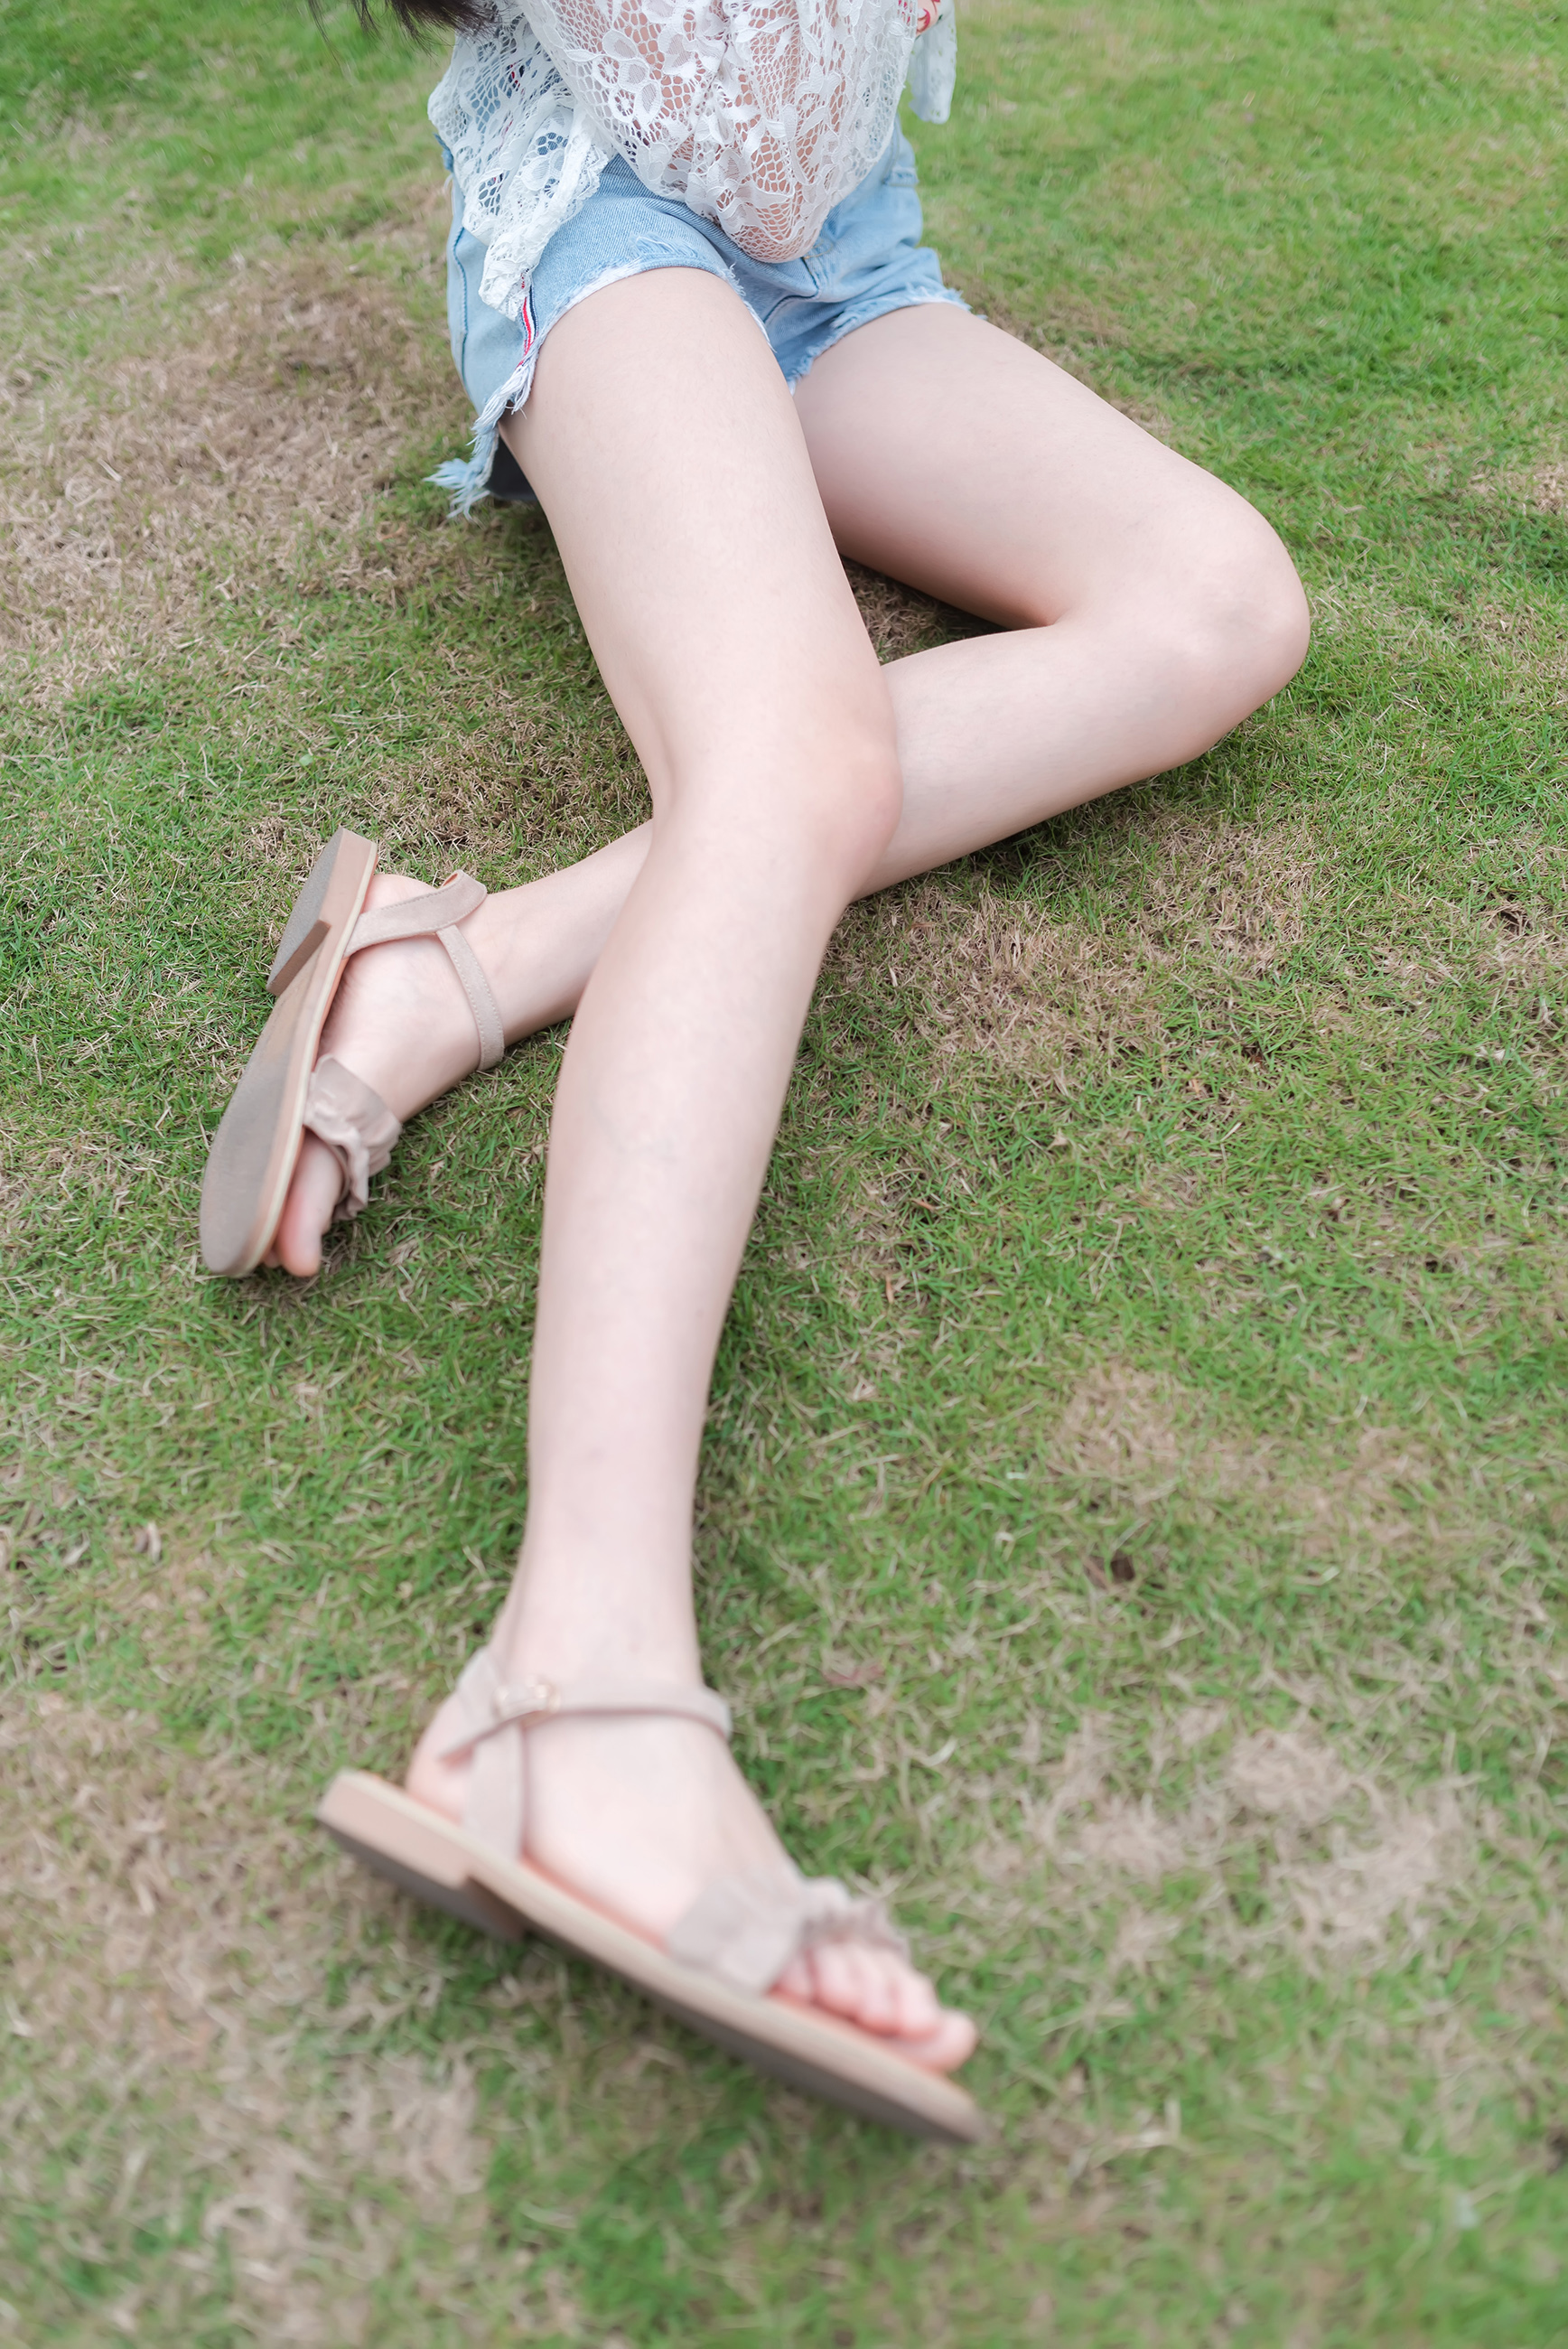 果腿福利 腿控领域